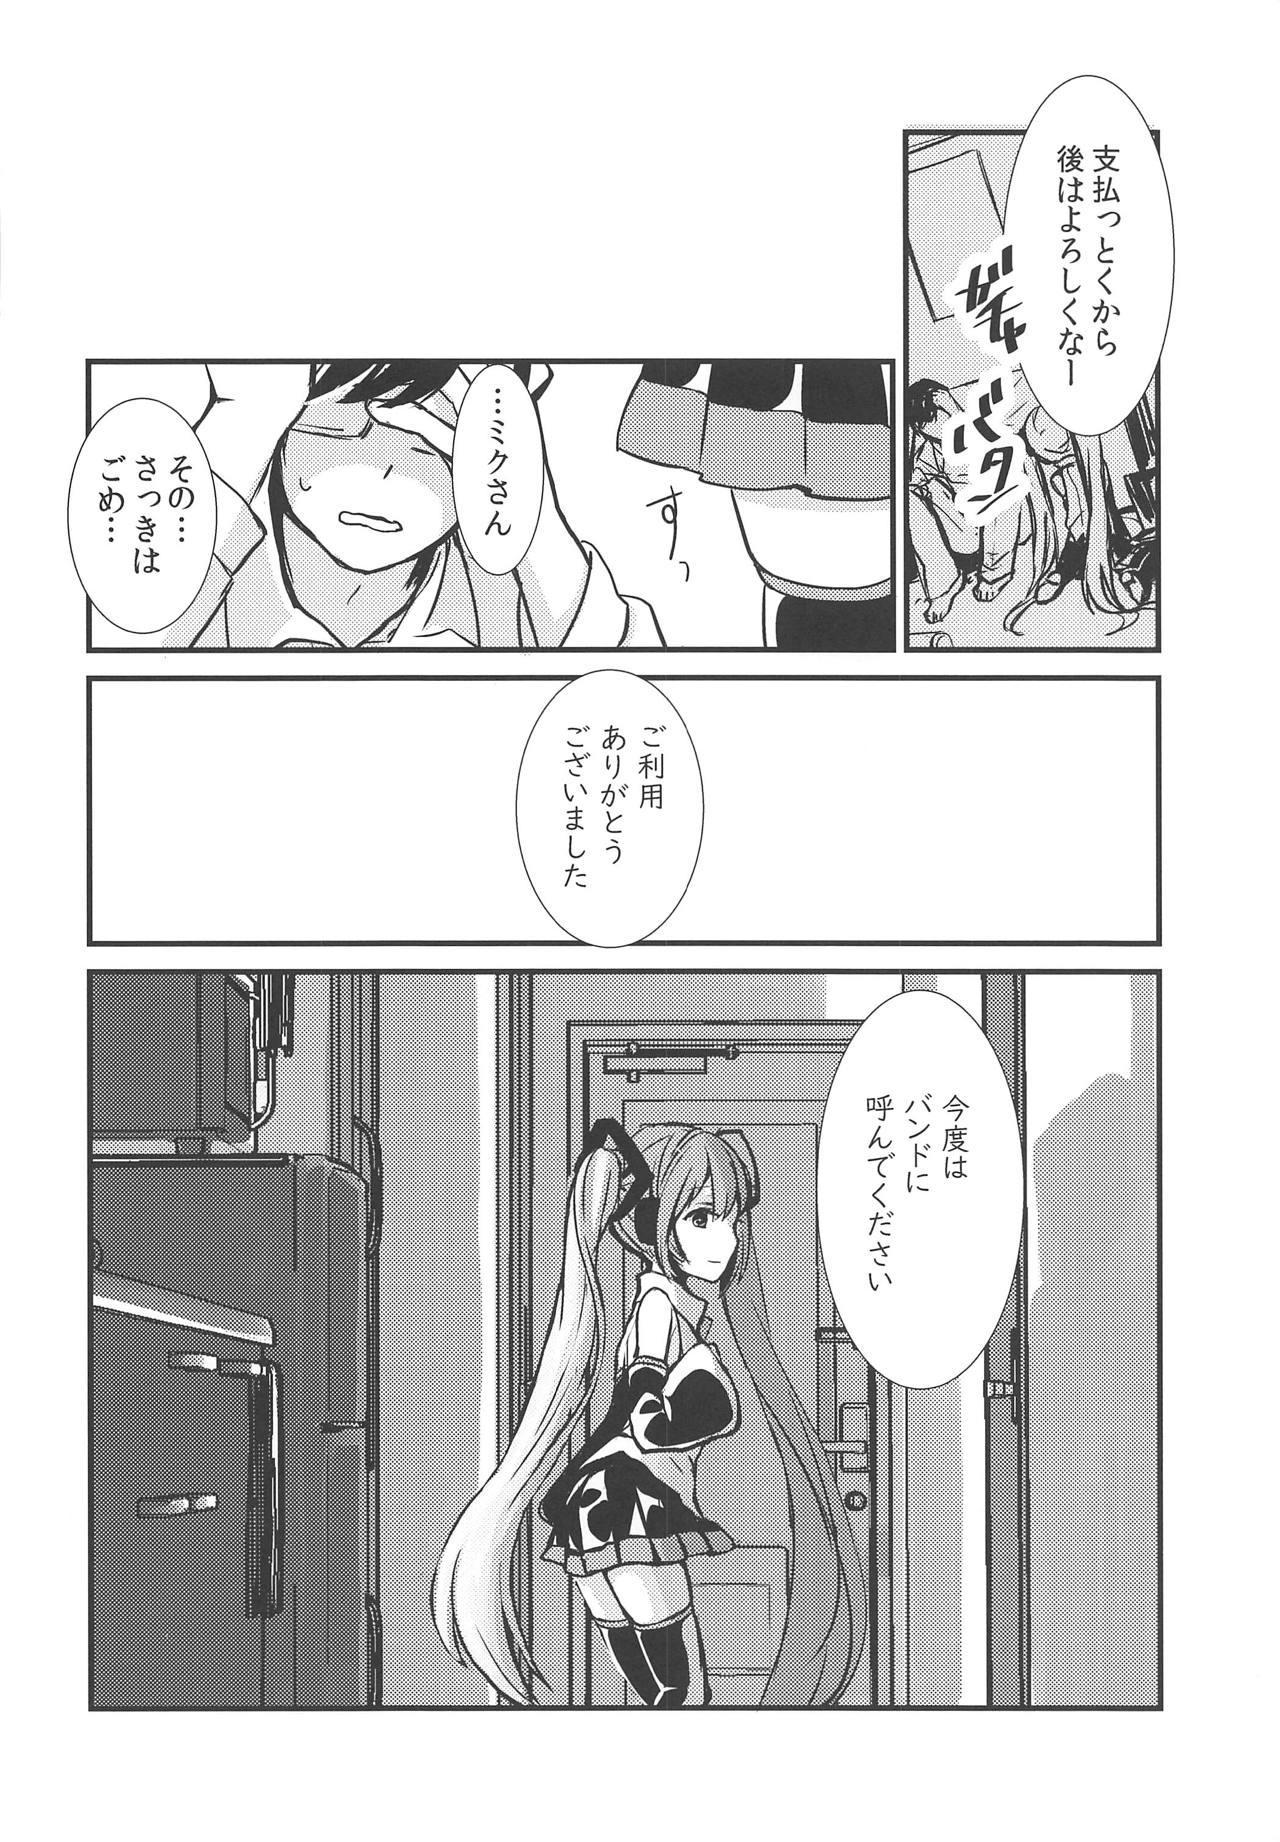 Natsu no Hatsune 16